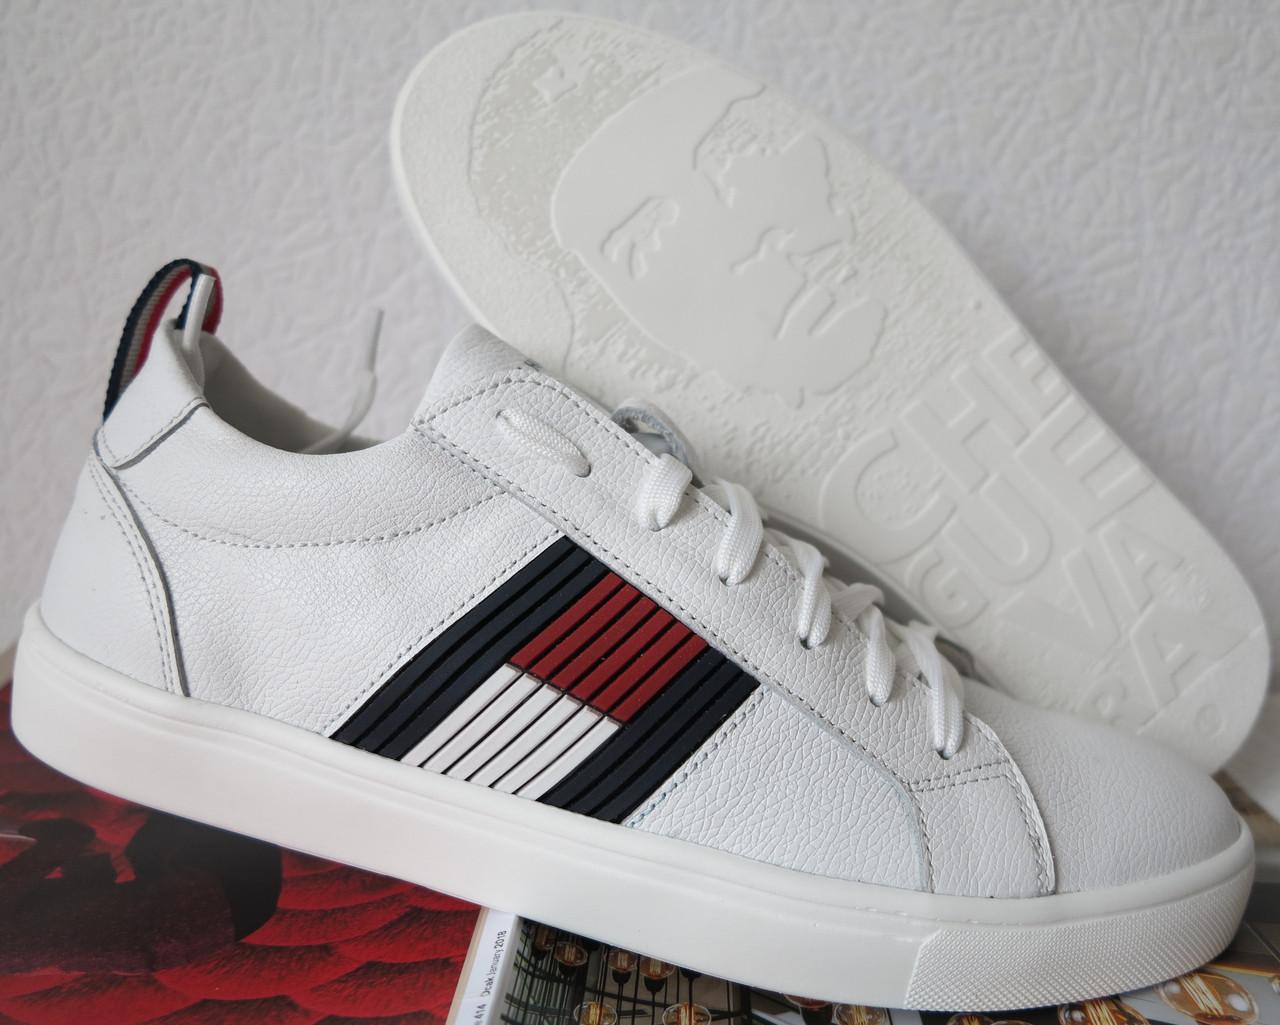 Tommy Hilfiger кожаные белые кеды! Туфли мужские кроссовки в стиле Томми Хилфигер